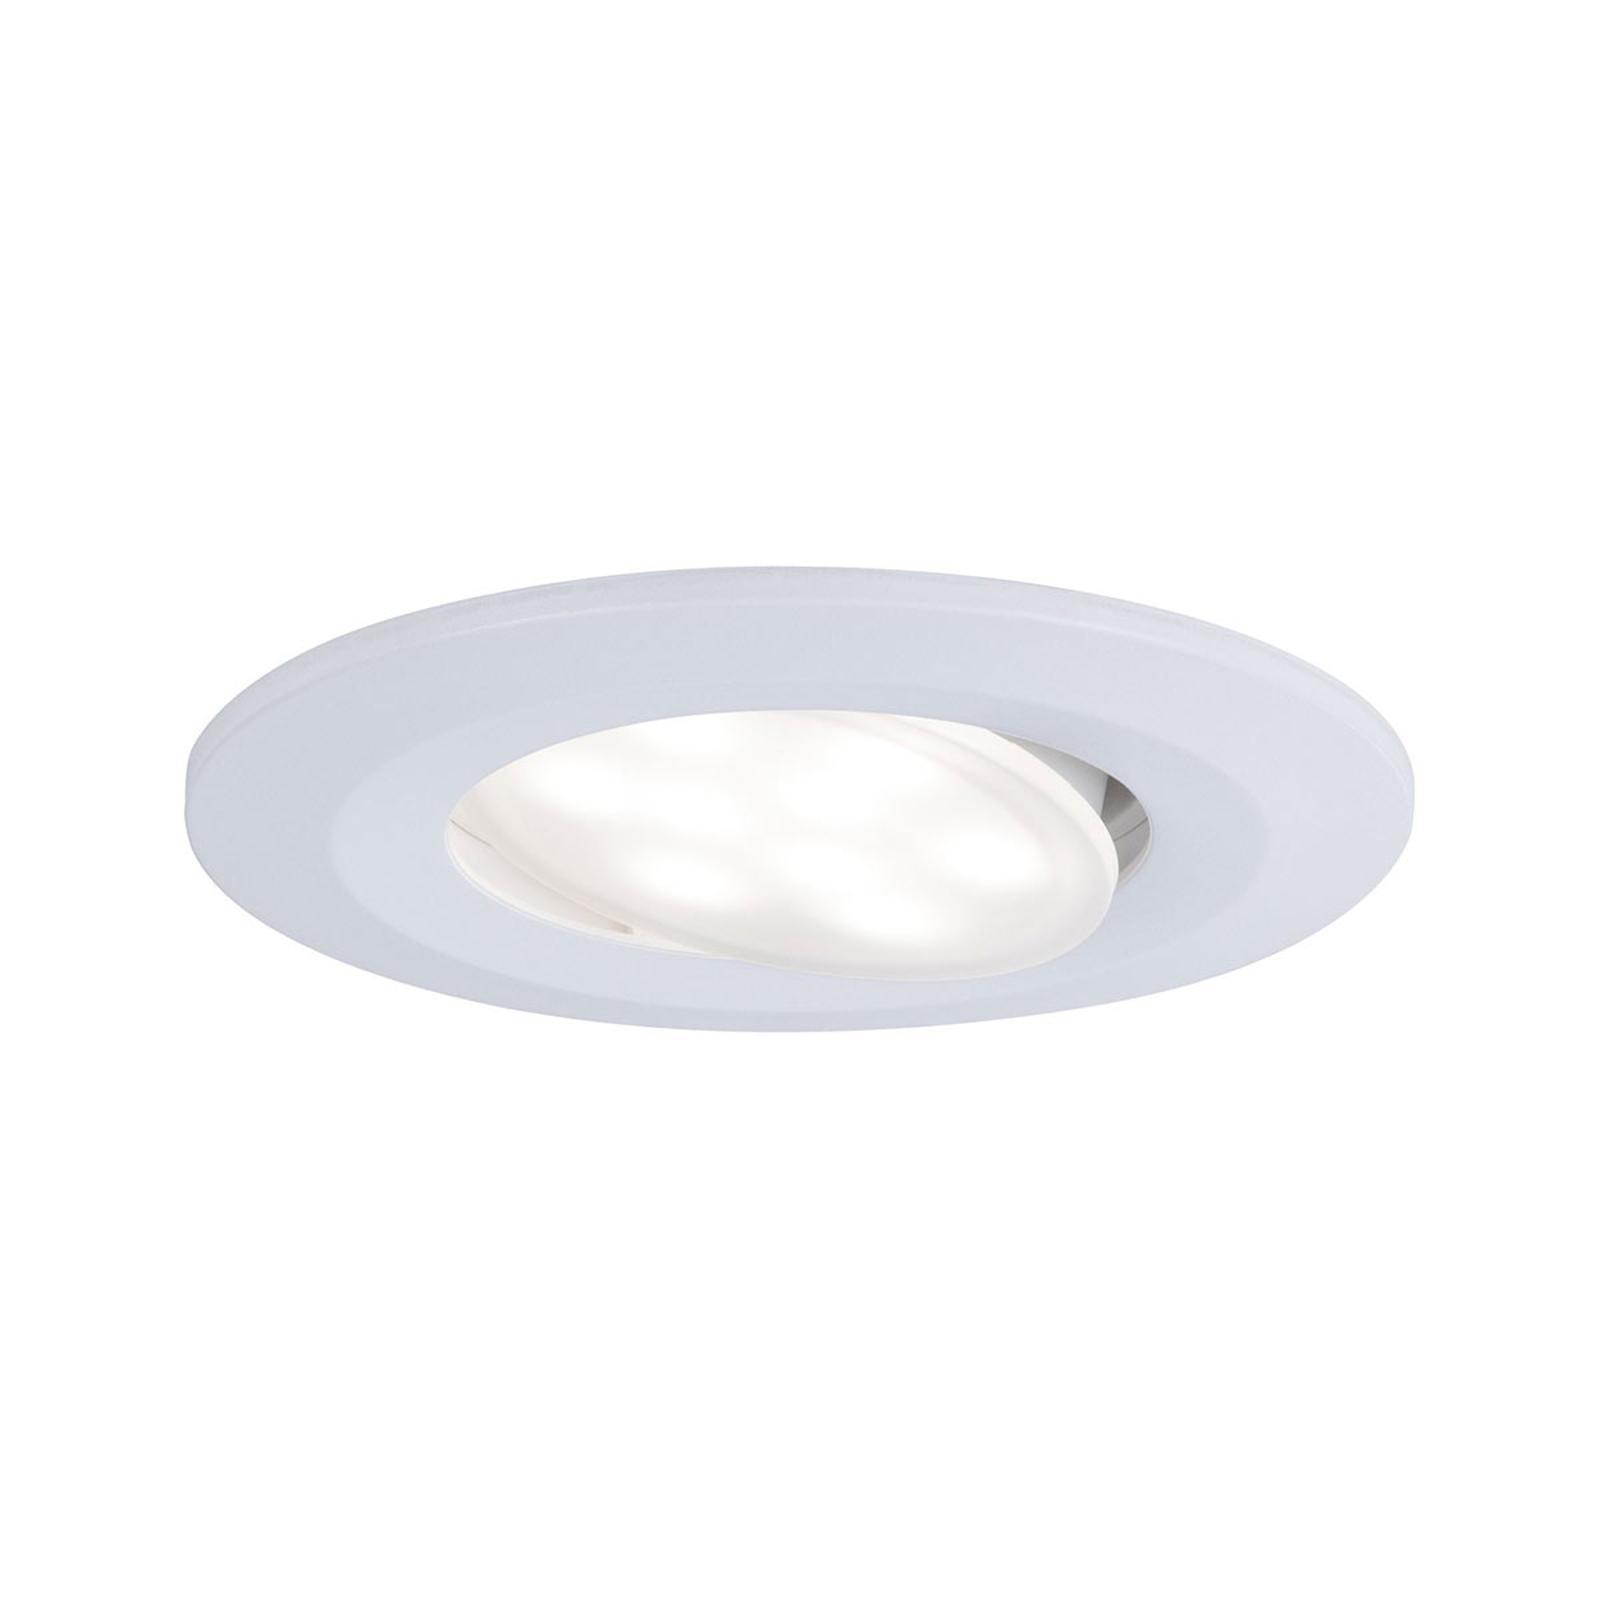 Paulmann udendørs LED-indbygningsspot Calla, hvid